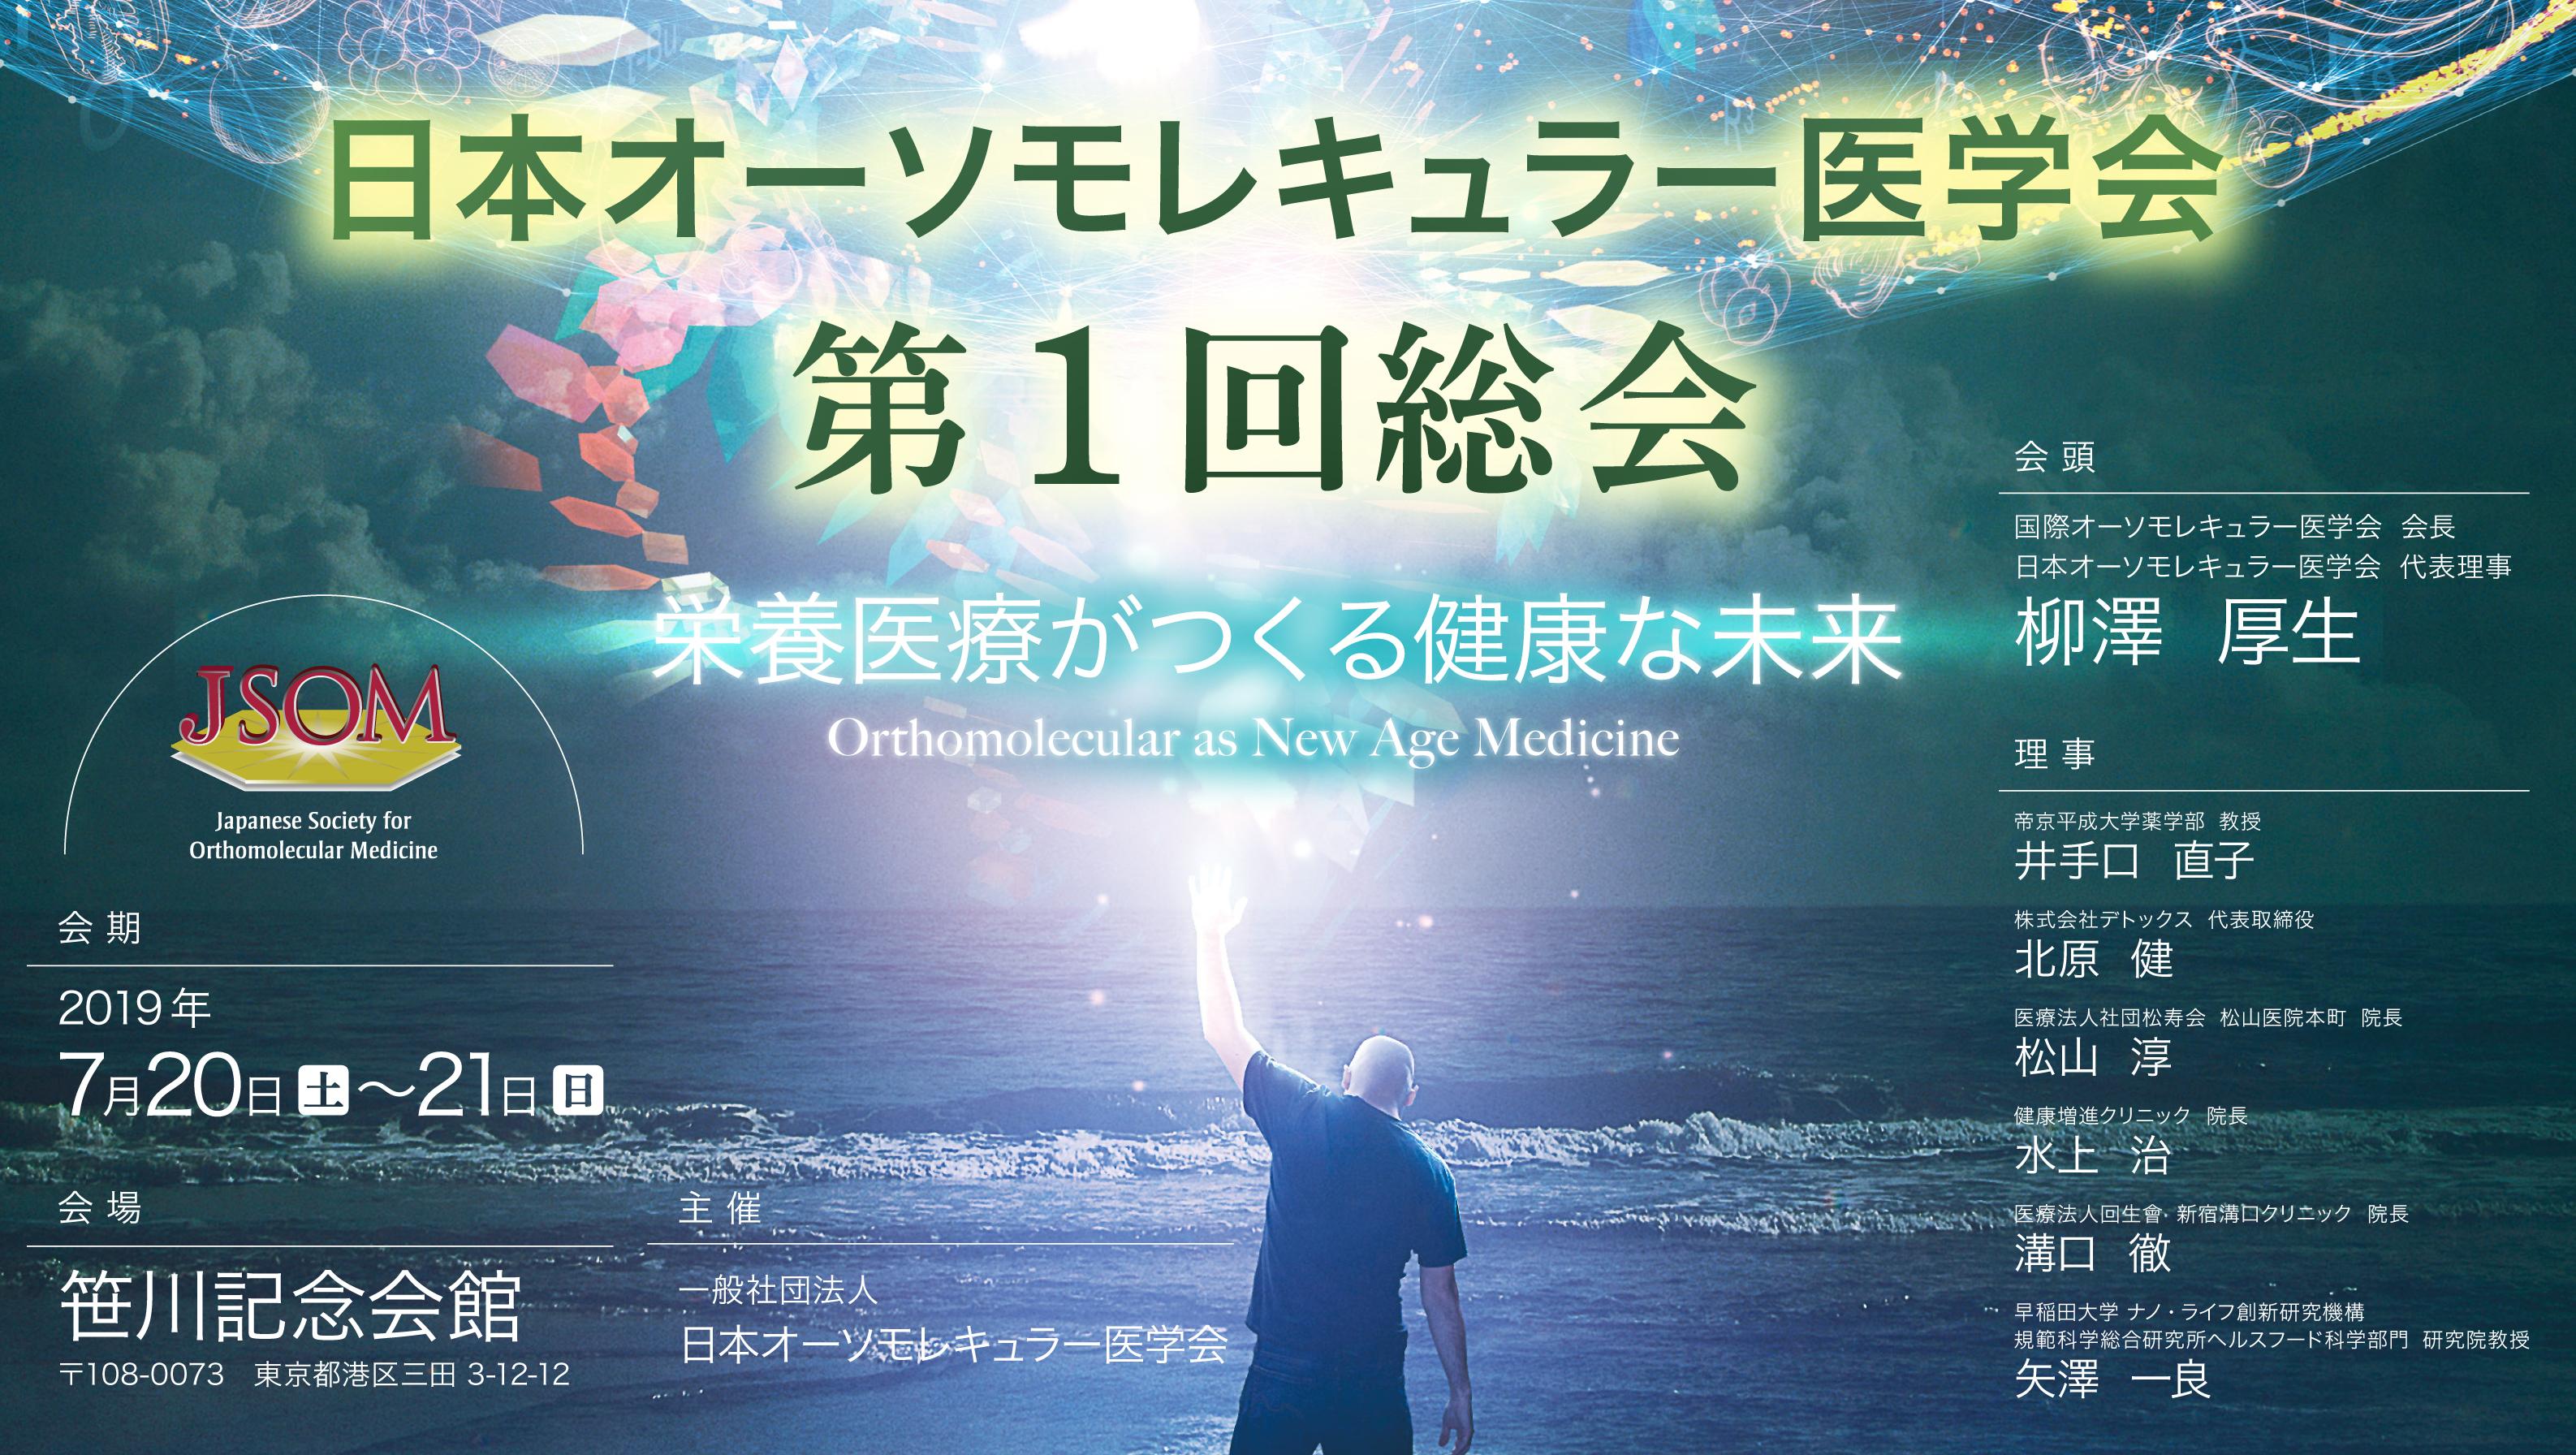 2019年7月20日-21日:日本オーソモレキュラー医学会 第1回総会 【参加受付中】